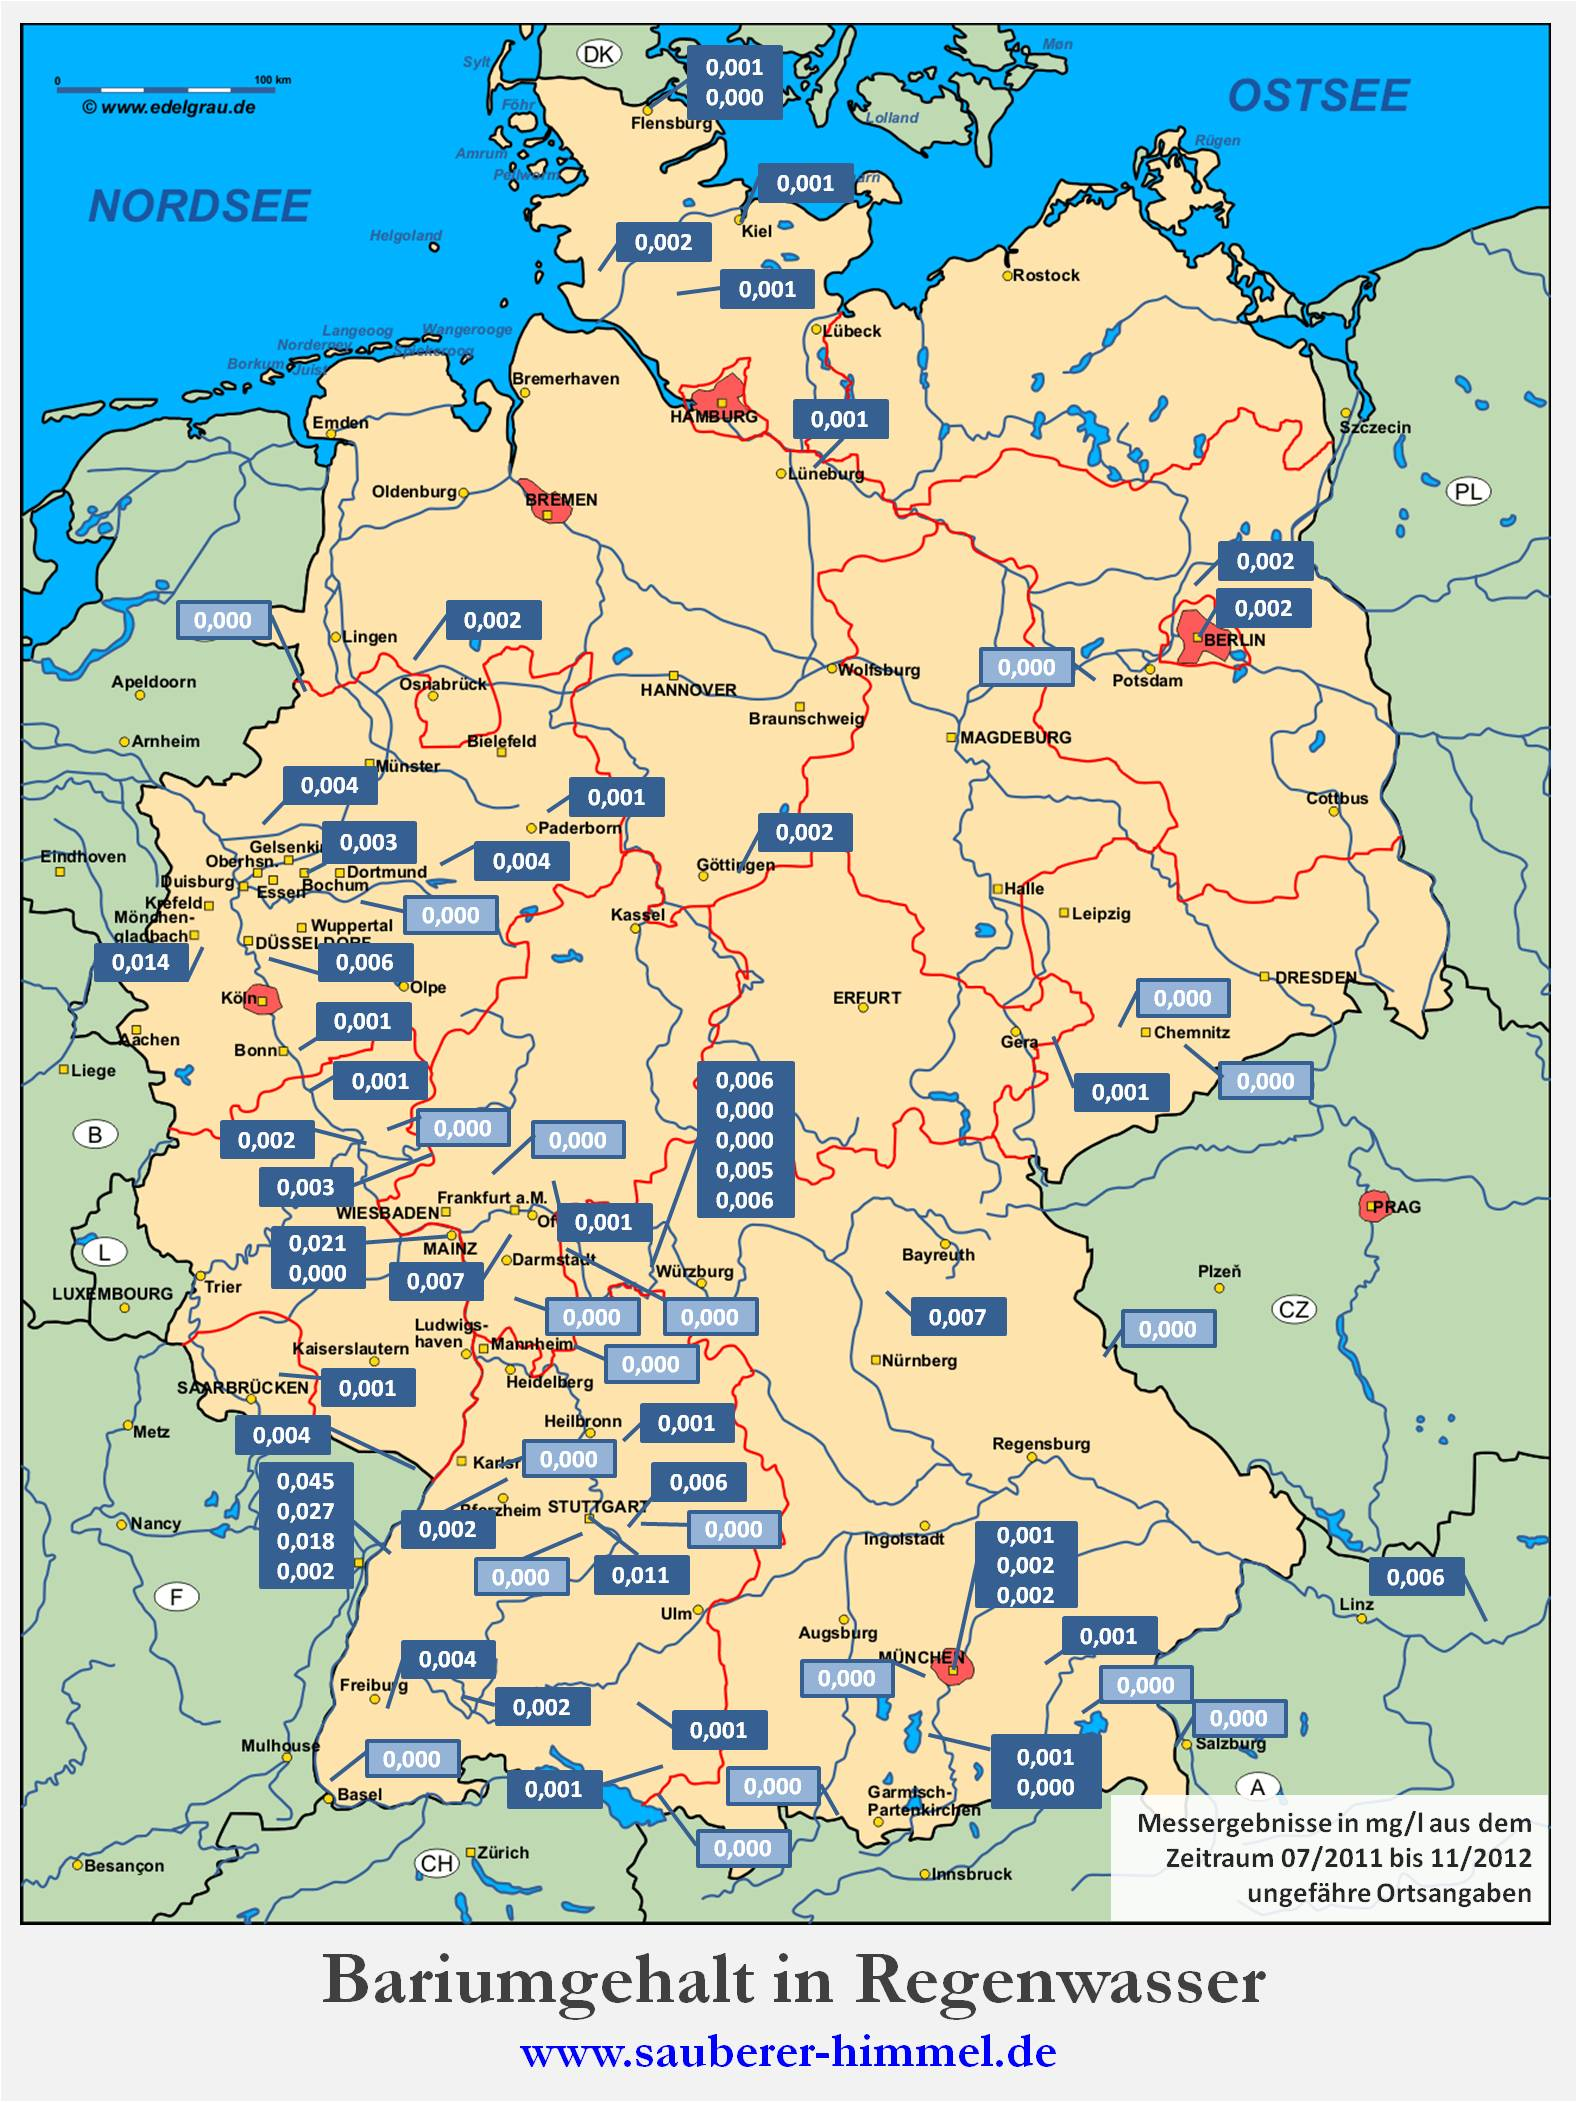 unsere geschichte made in norddeutschland